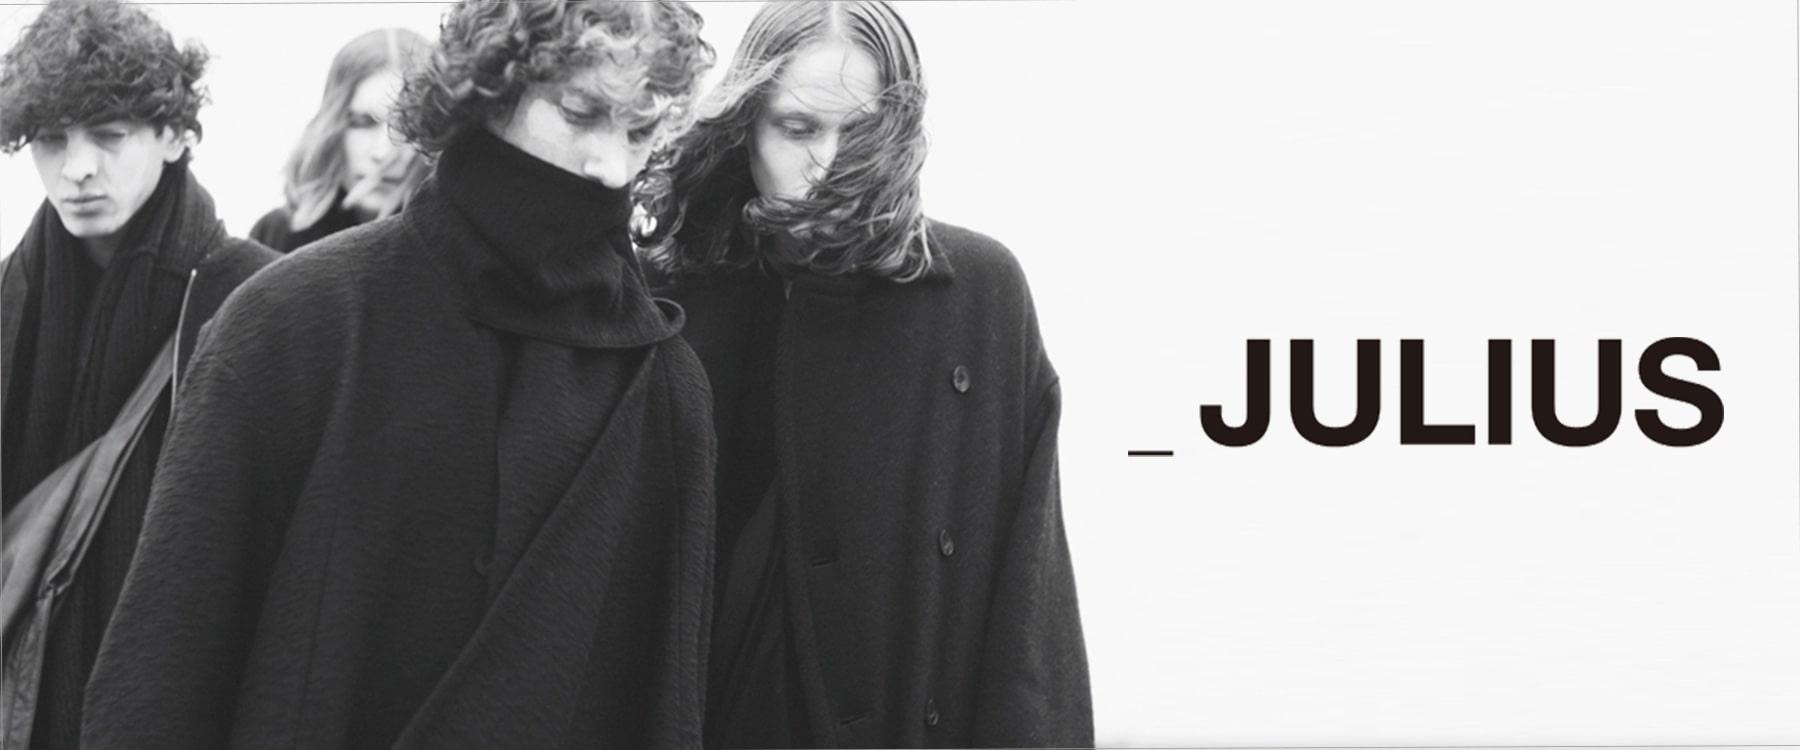 JULIUS,NILoS,kiryuyrik,渋谷メンズ「I.D.HEART」